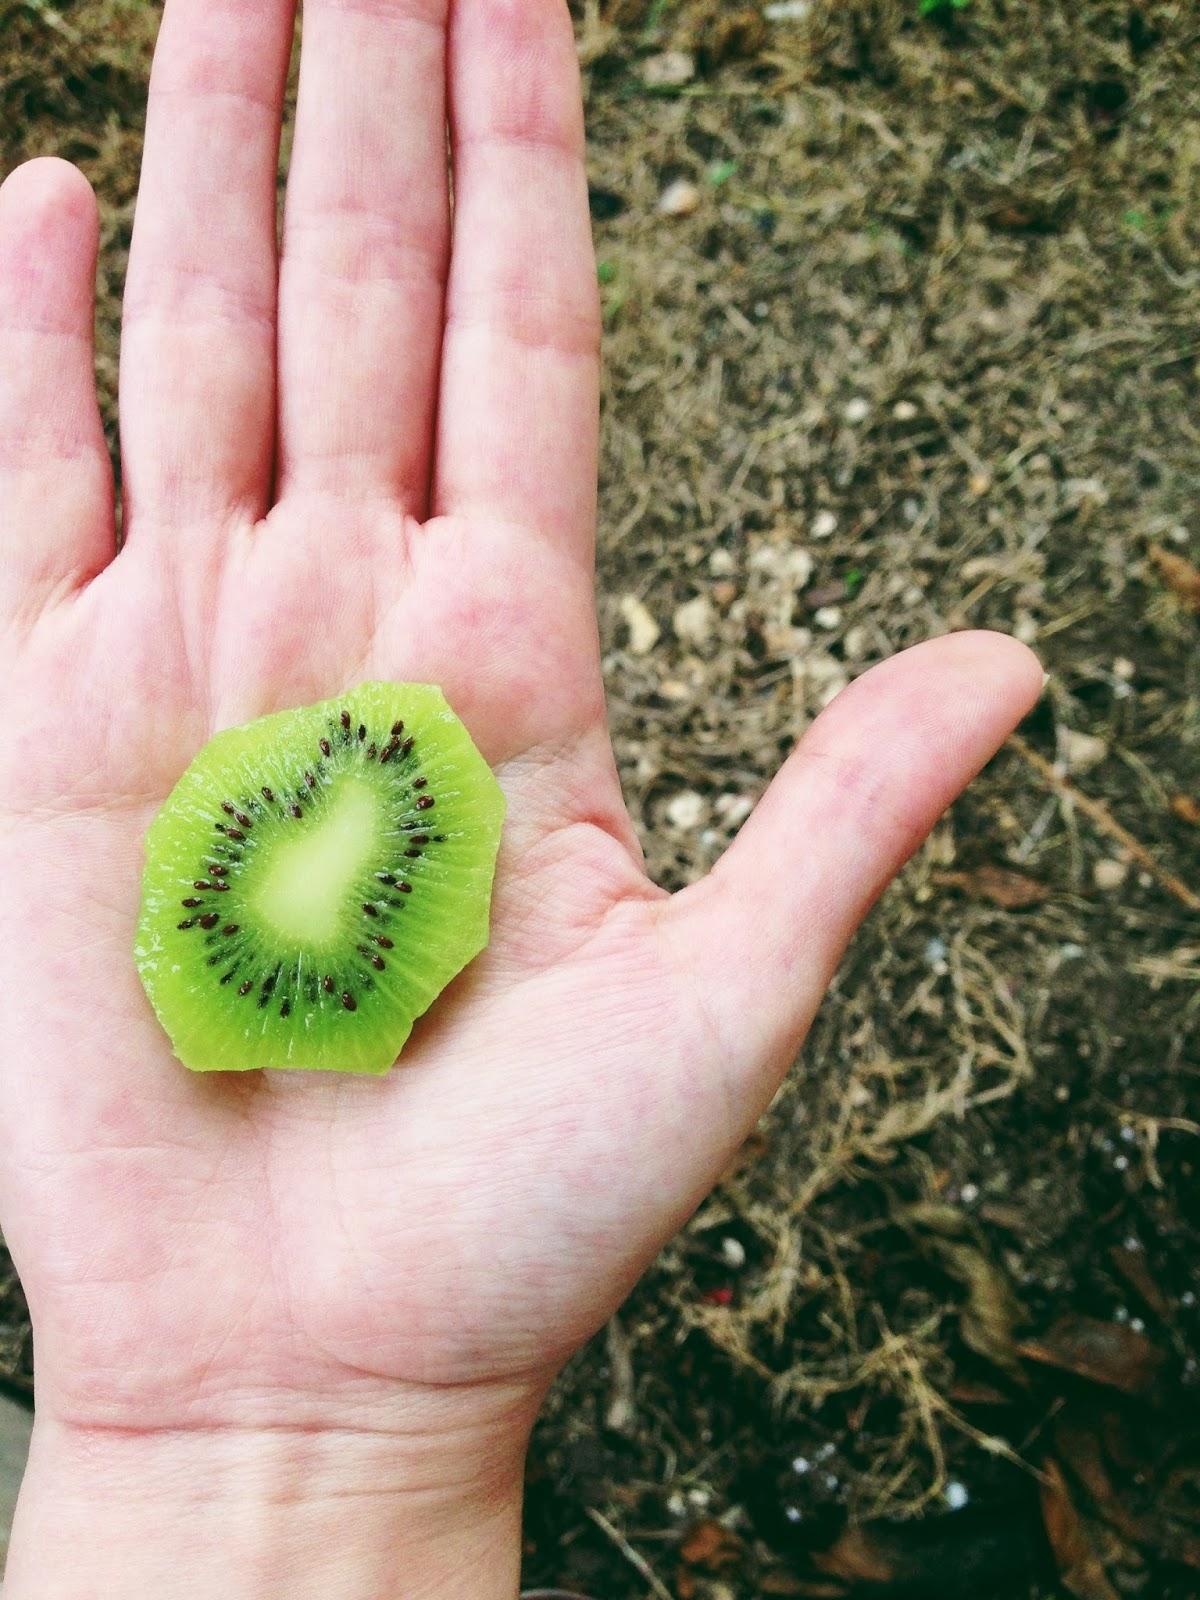 kiwi photography